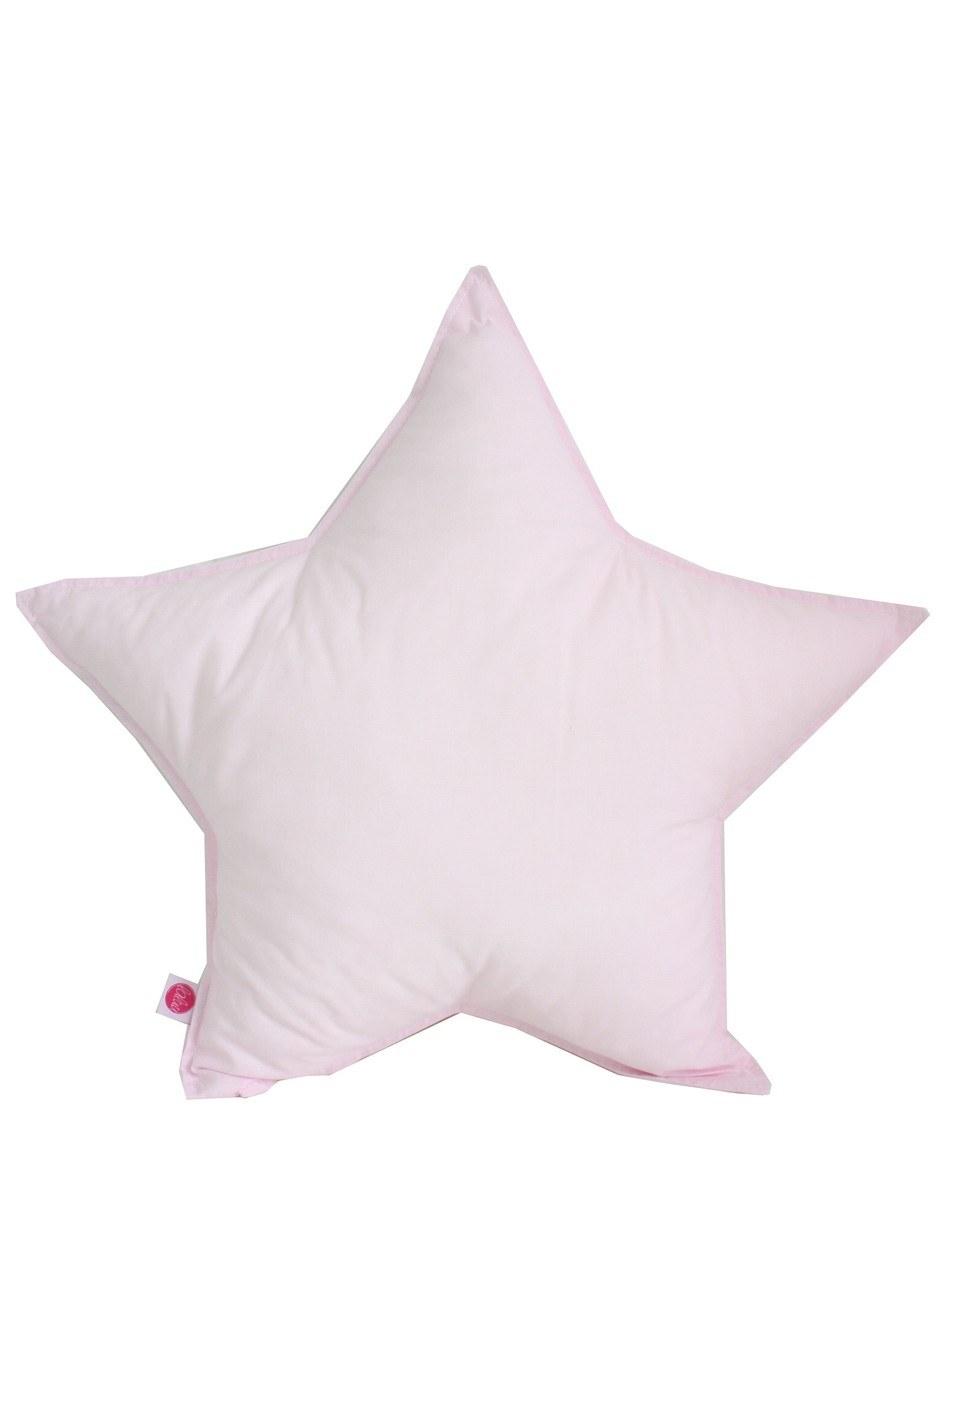 Pink Star Children's Cushion